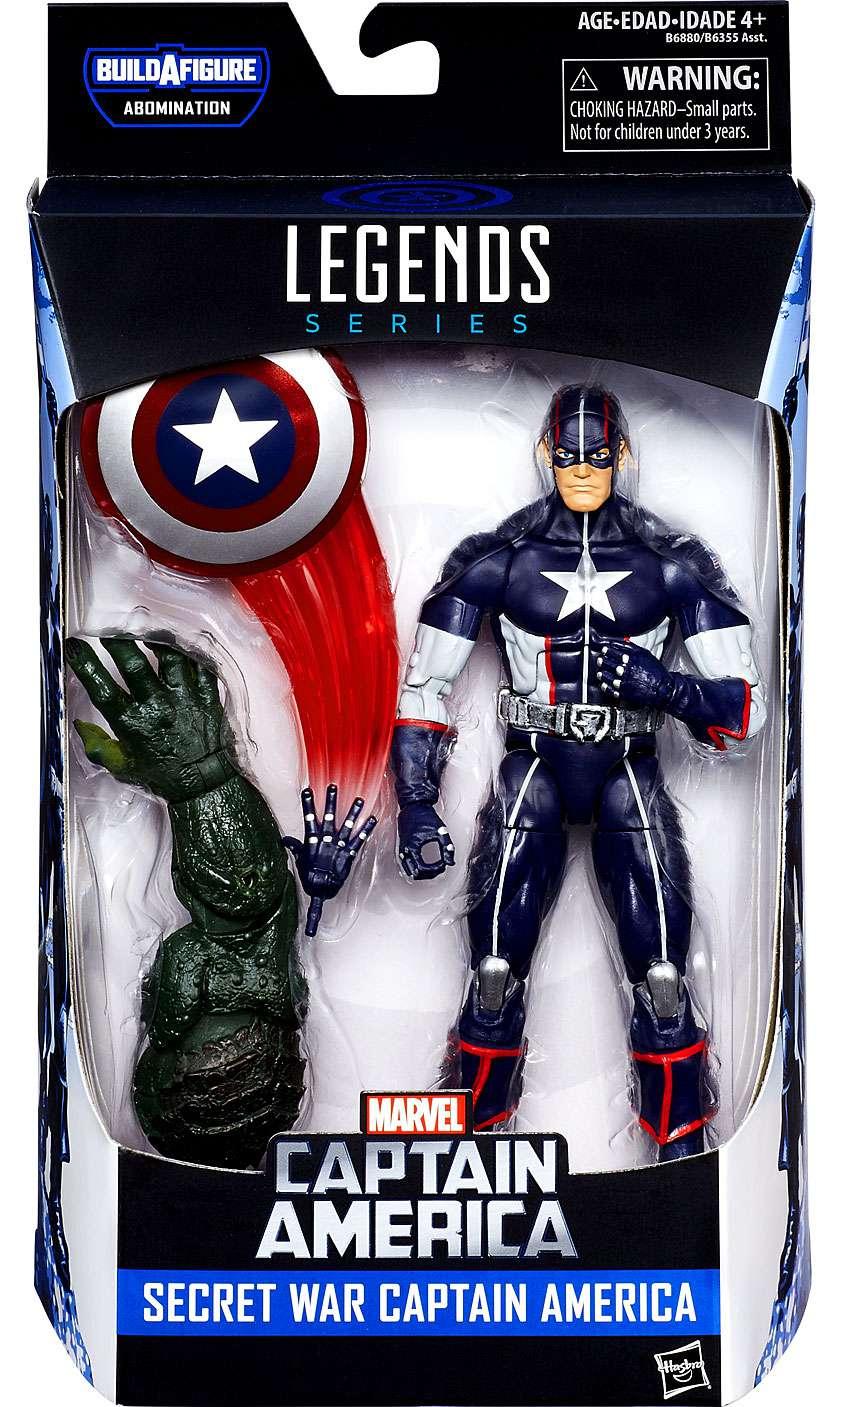 details about marvel legends abomination series secret war captain america  action figure